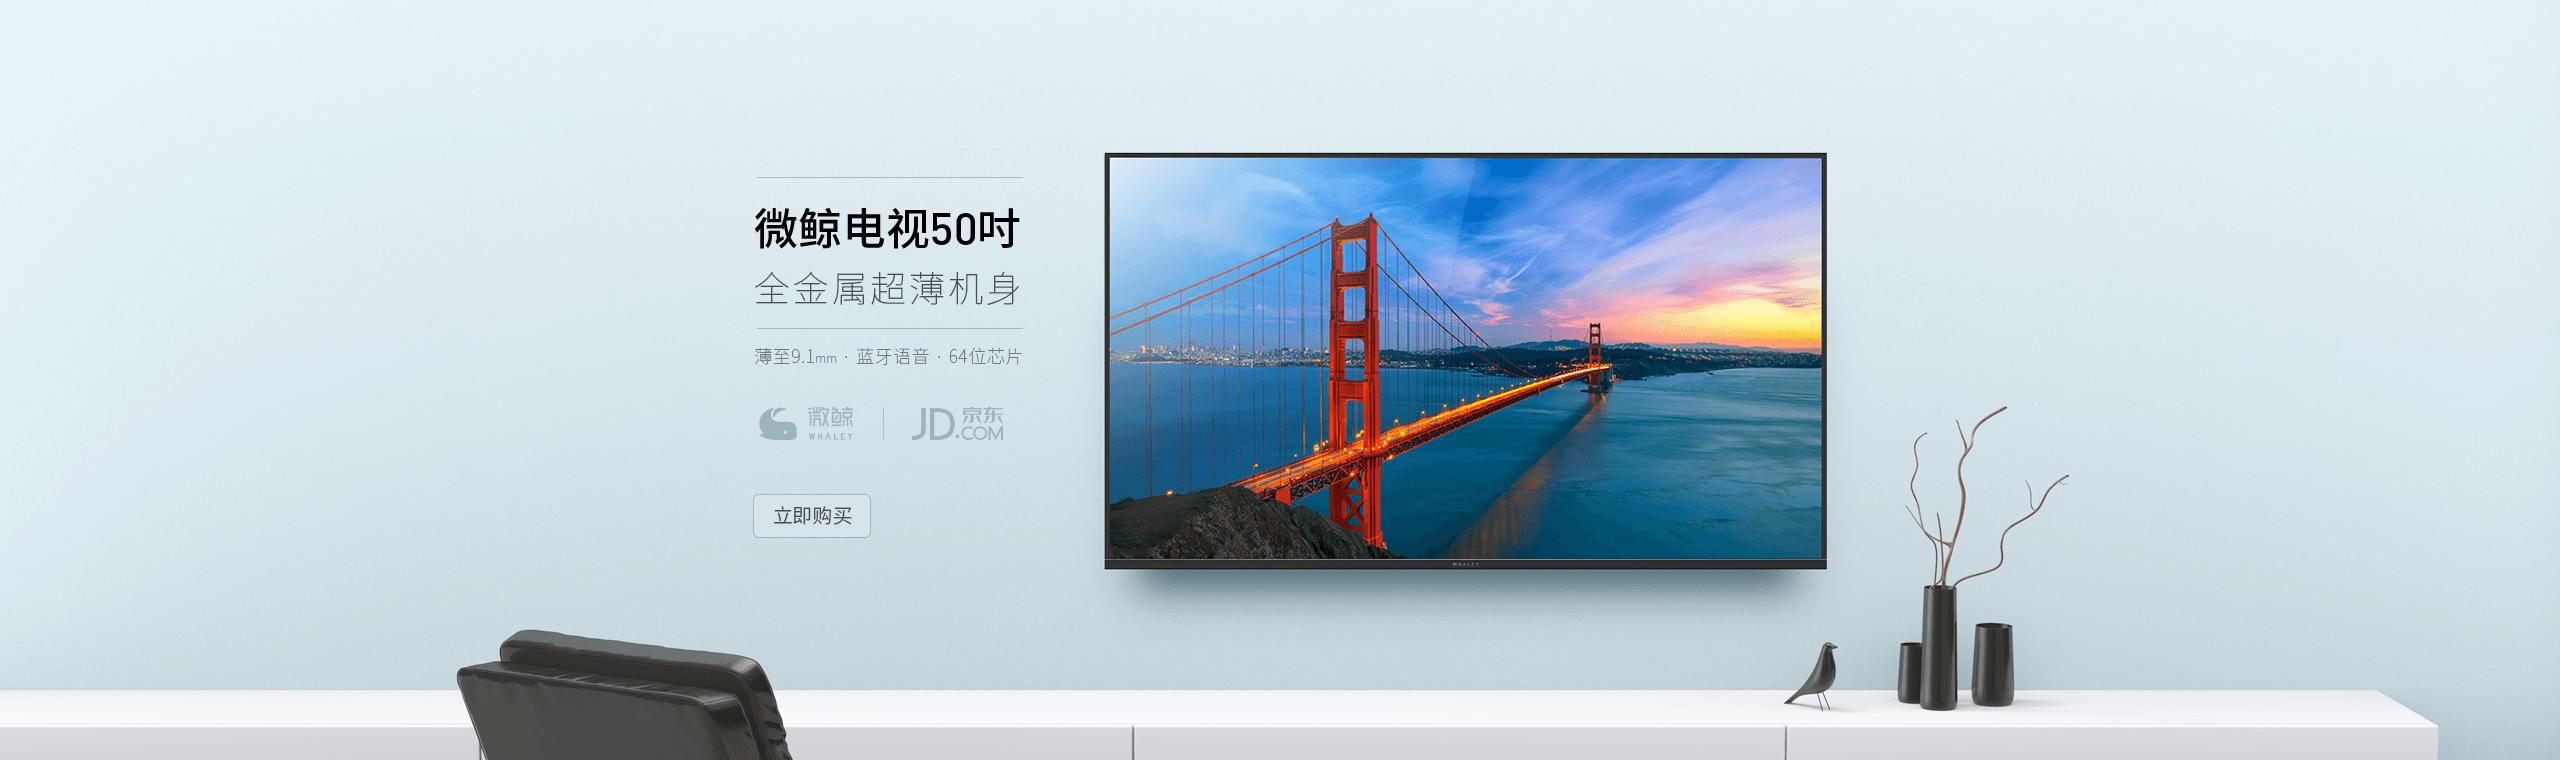 微鲸电视50英寸